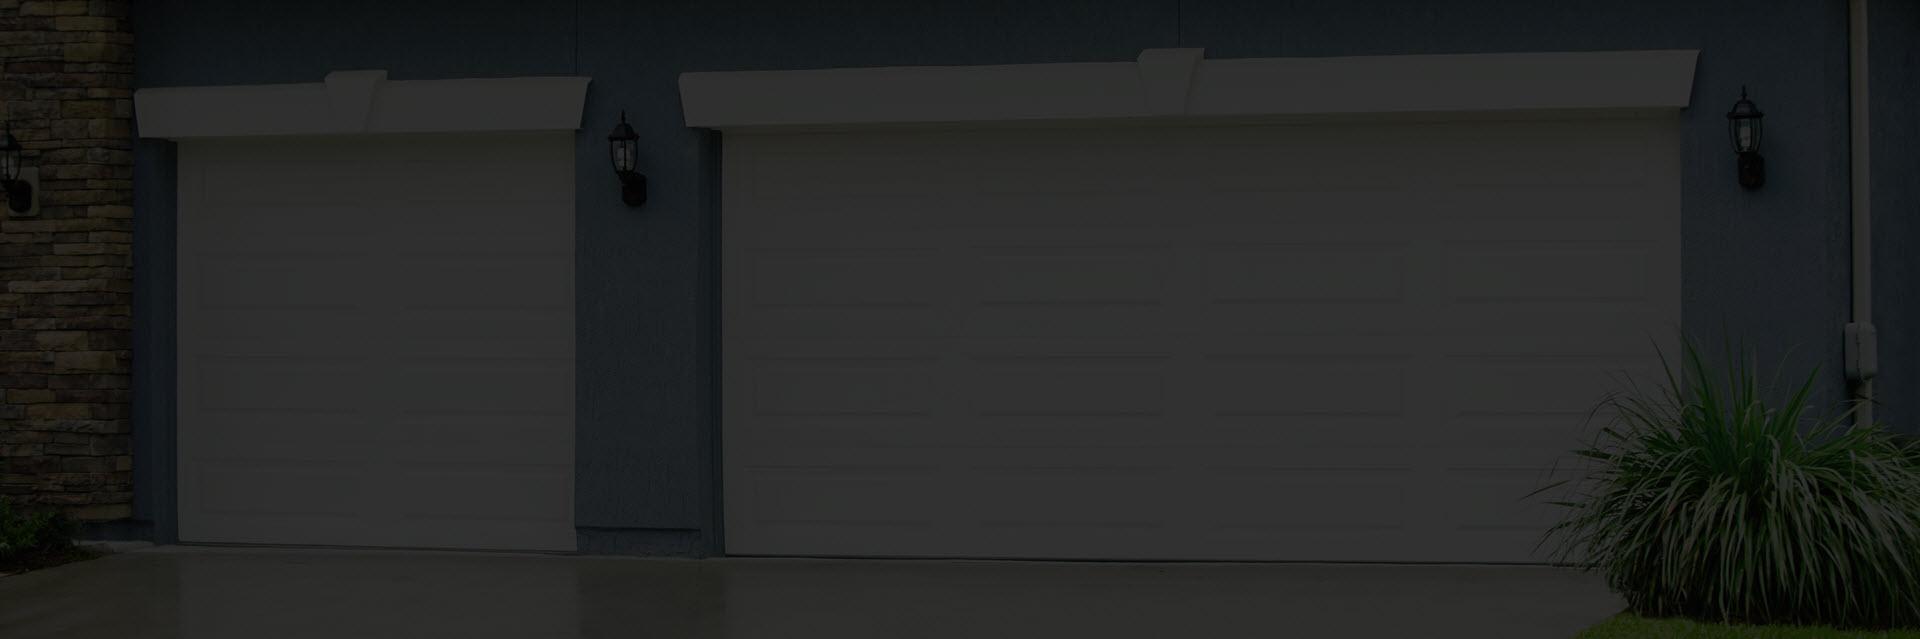 Buy Steel Garage Doors London, by Chalfont Garage Doors